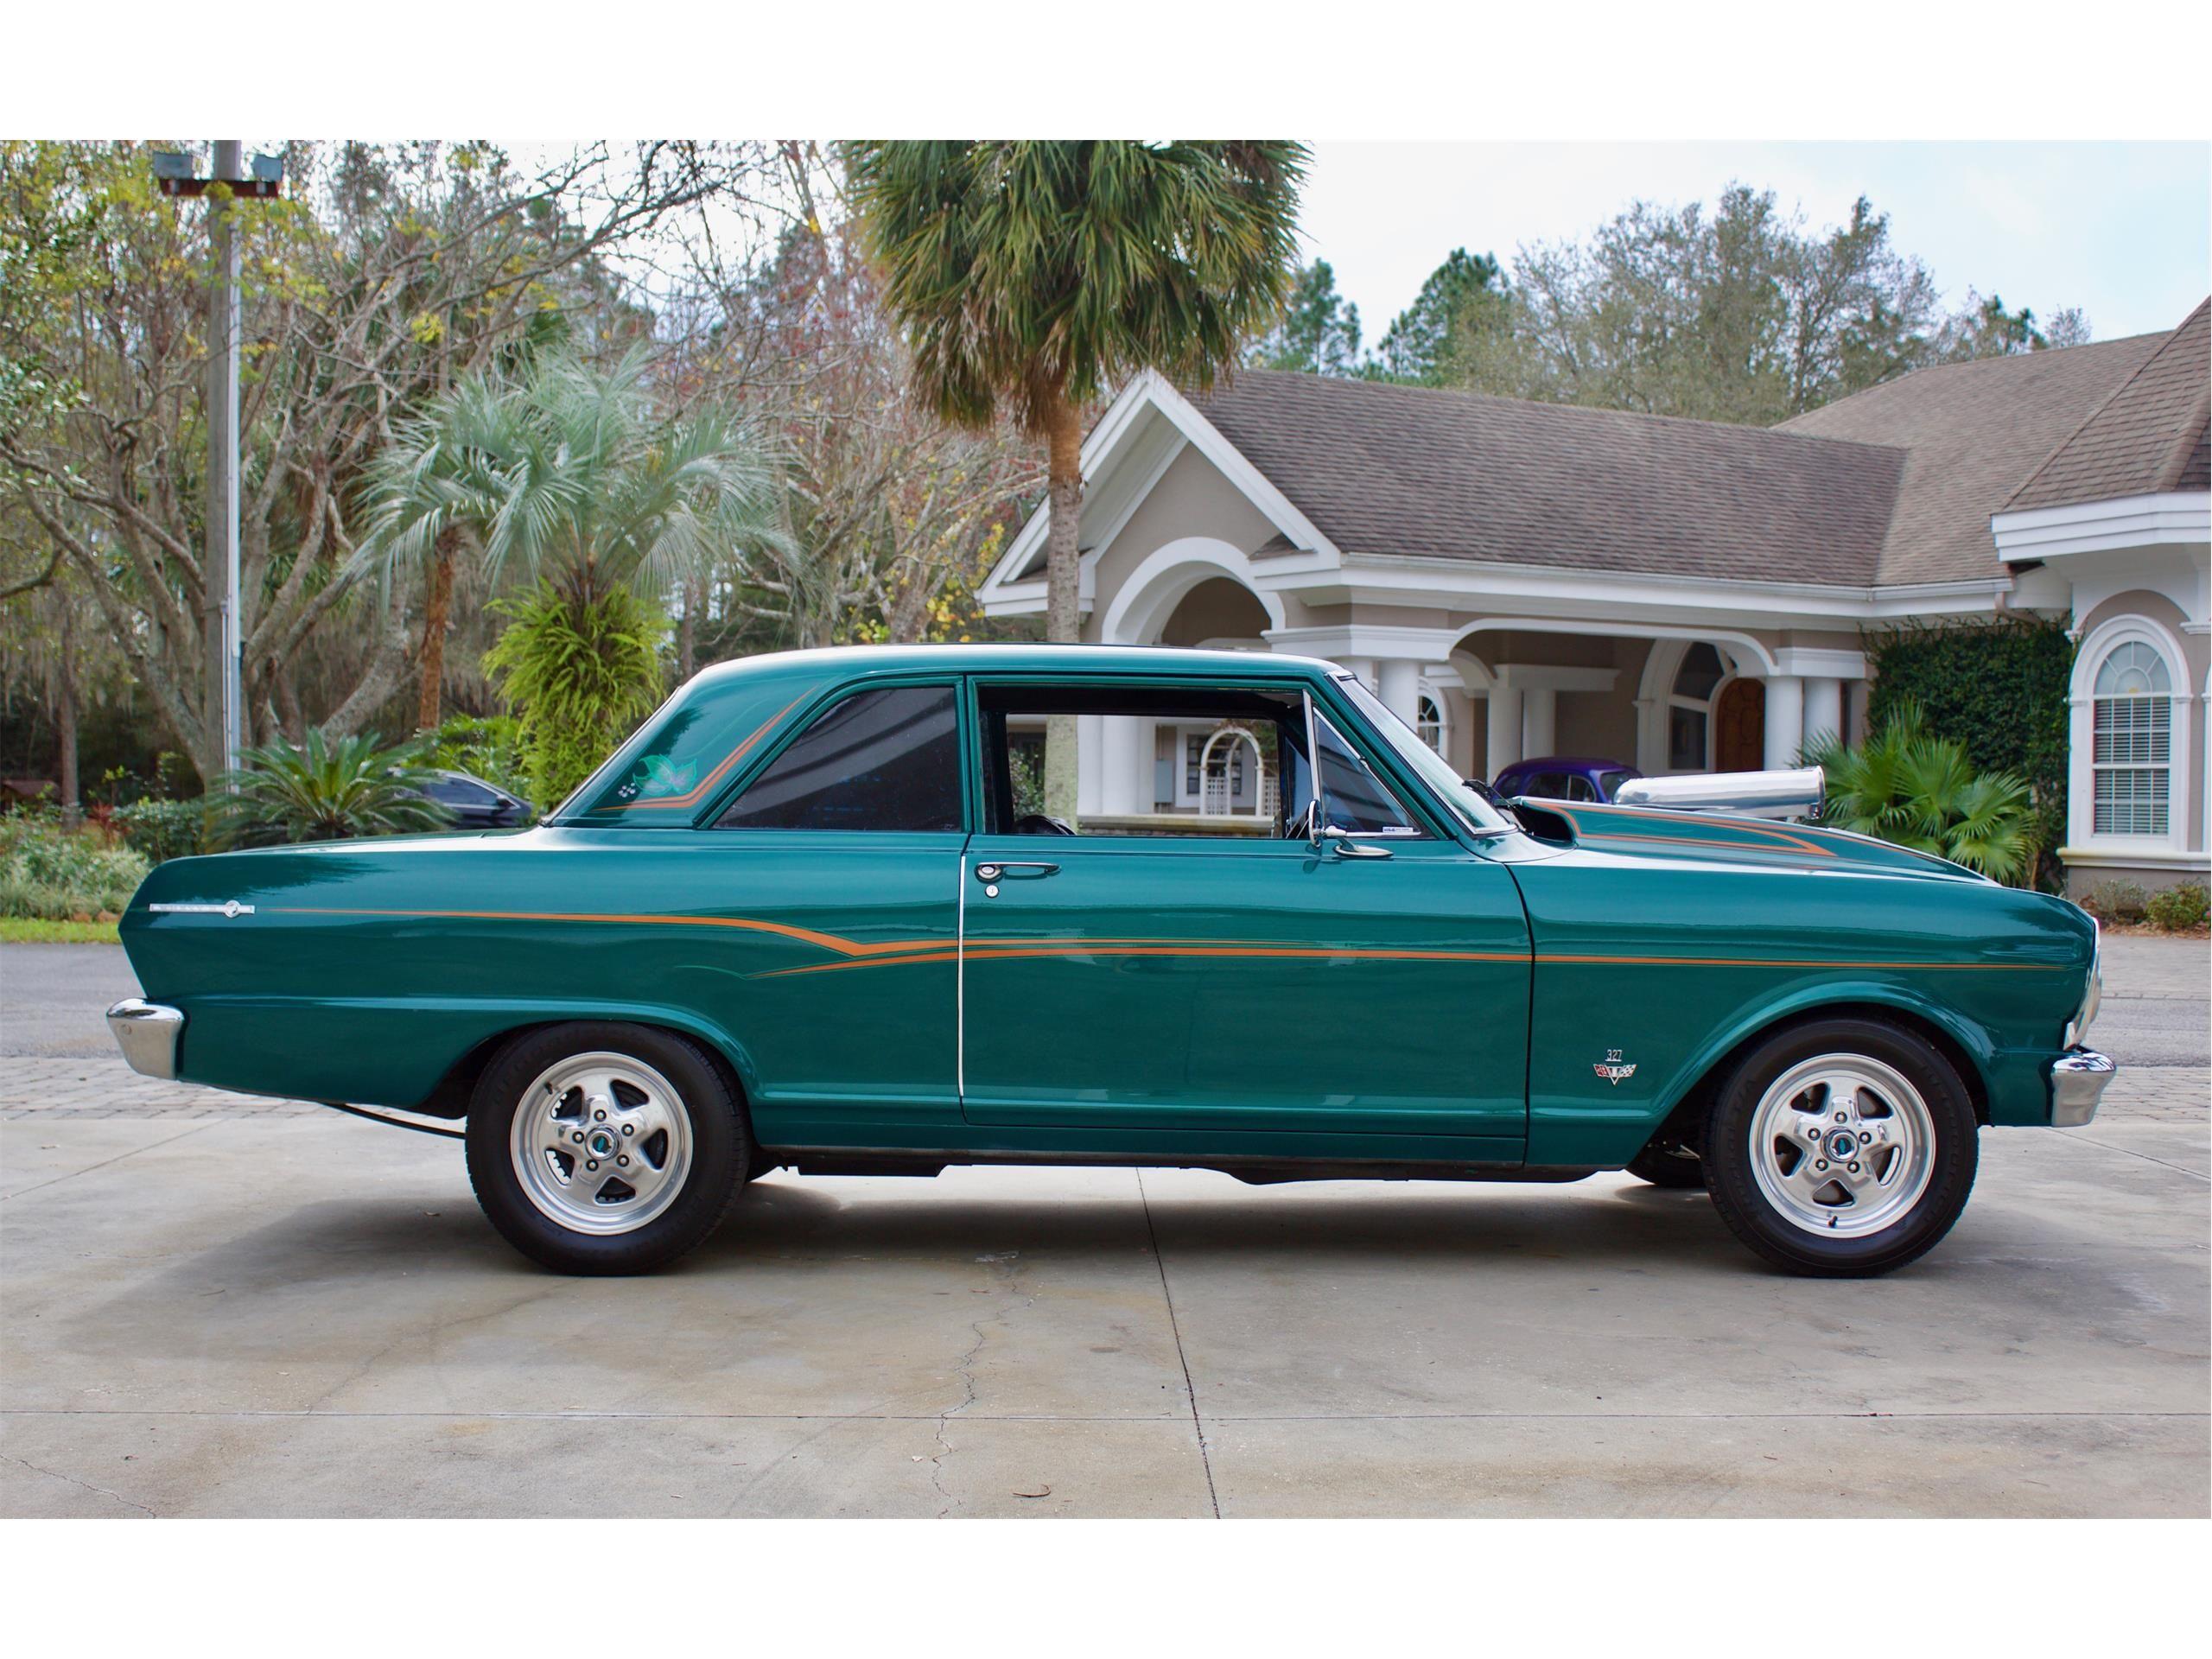 1965 Chevrolet Nova For Sale Listing Id Cc 1180361 Classiccars Com Driveyourdream Chevynova Nova Musc Chevrolet Nova Chevrolet Muscle Cars For Sale